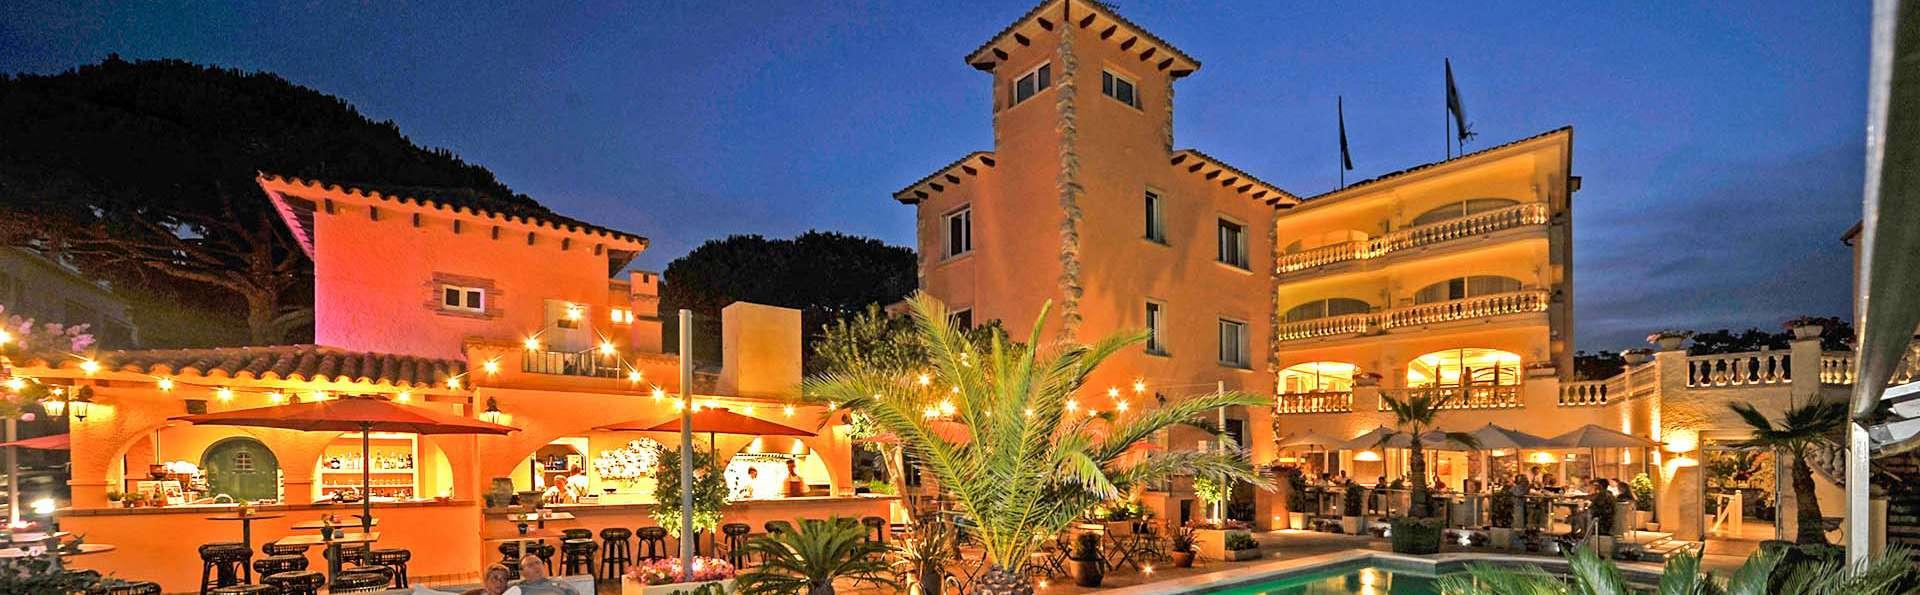 Van der Valk Hotel Barcarola - EDIT_Spa_town_01.jpg